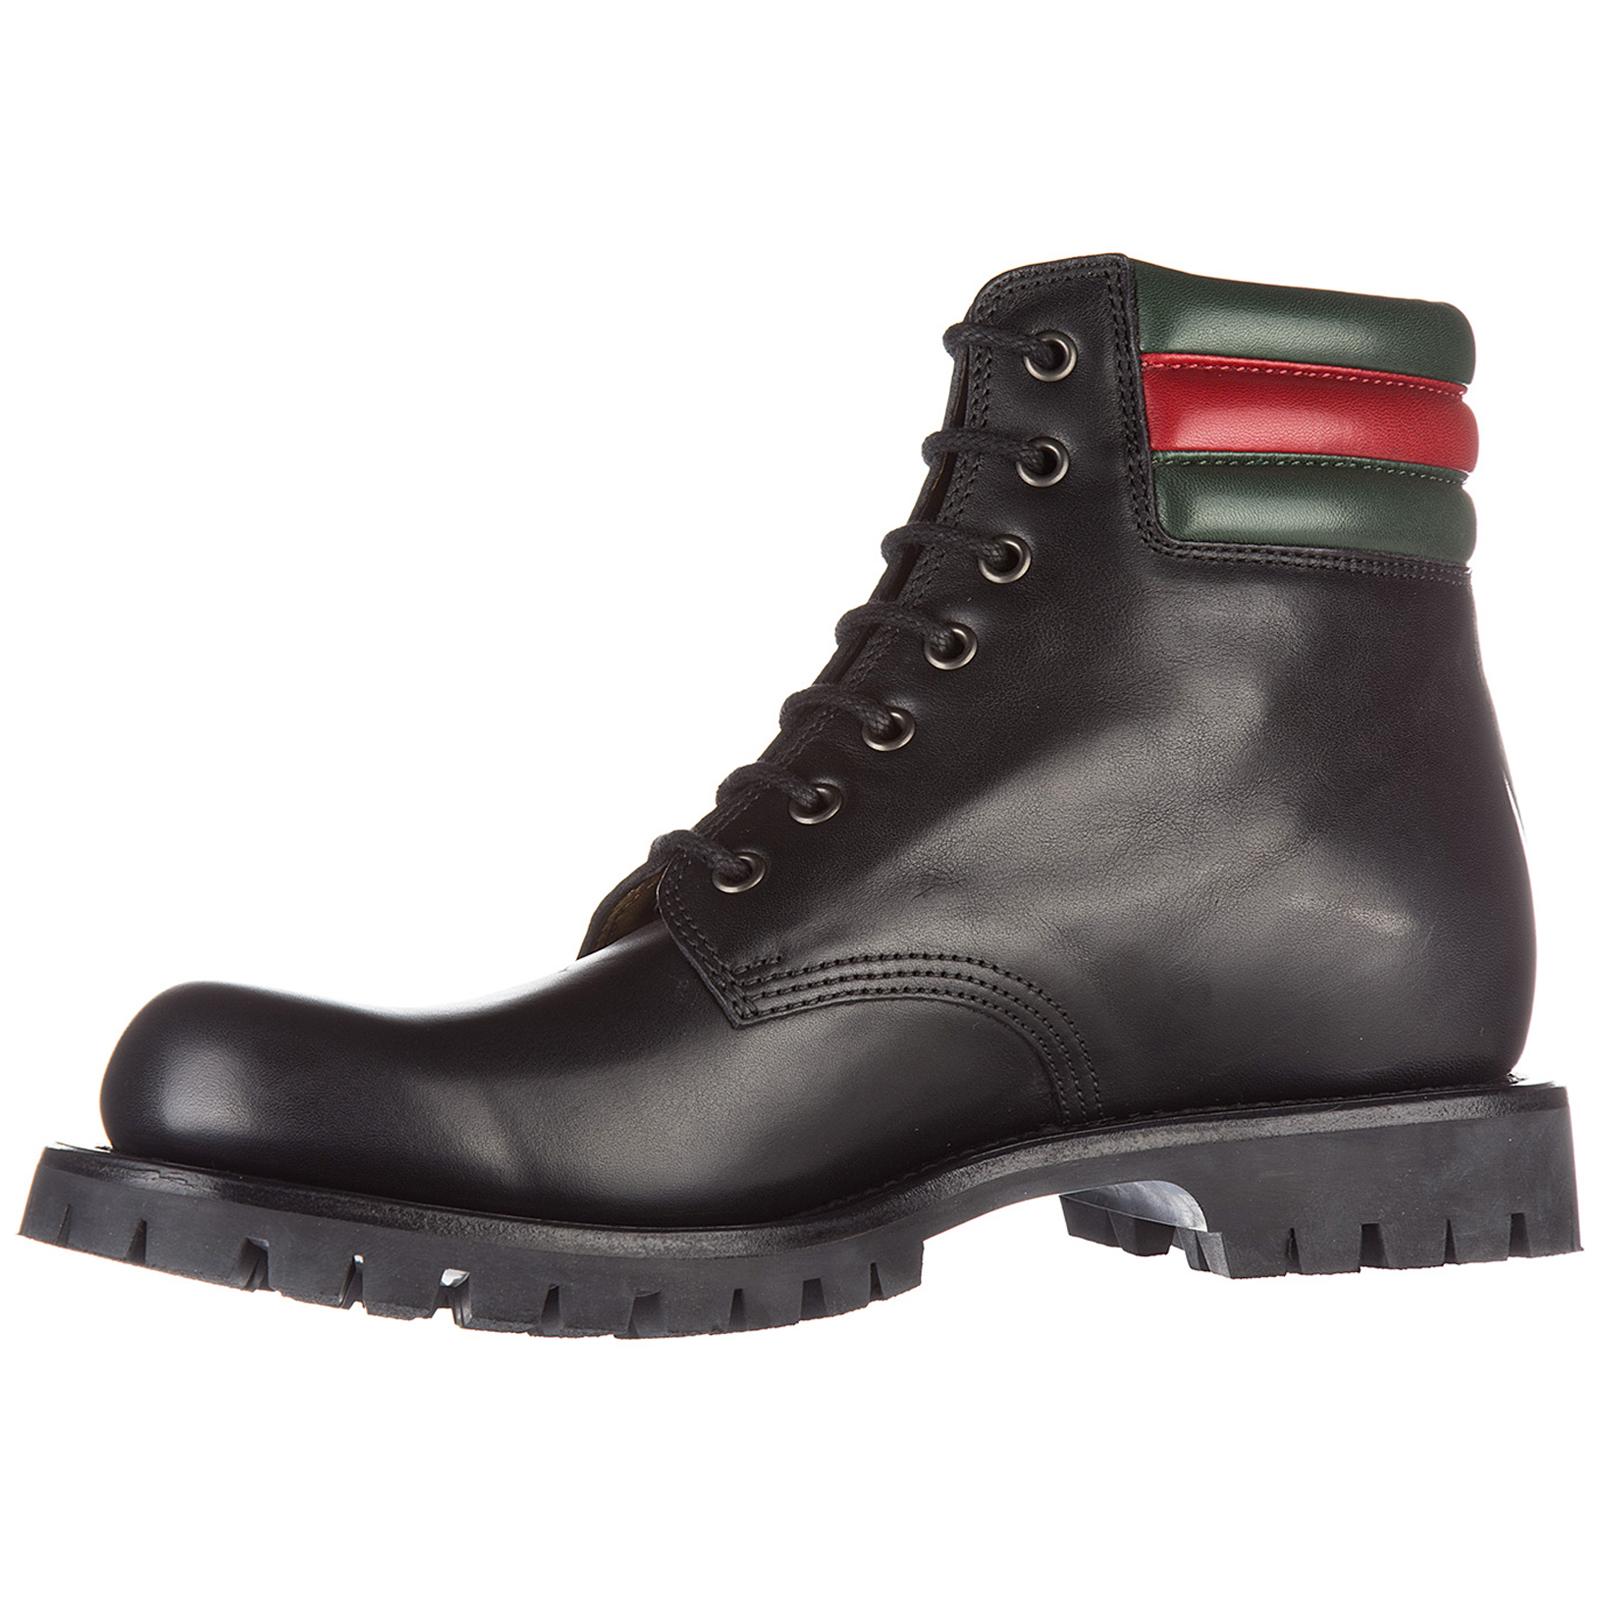 3a59957197e Men's genuine leather ankle boots web pantoufle